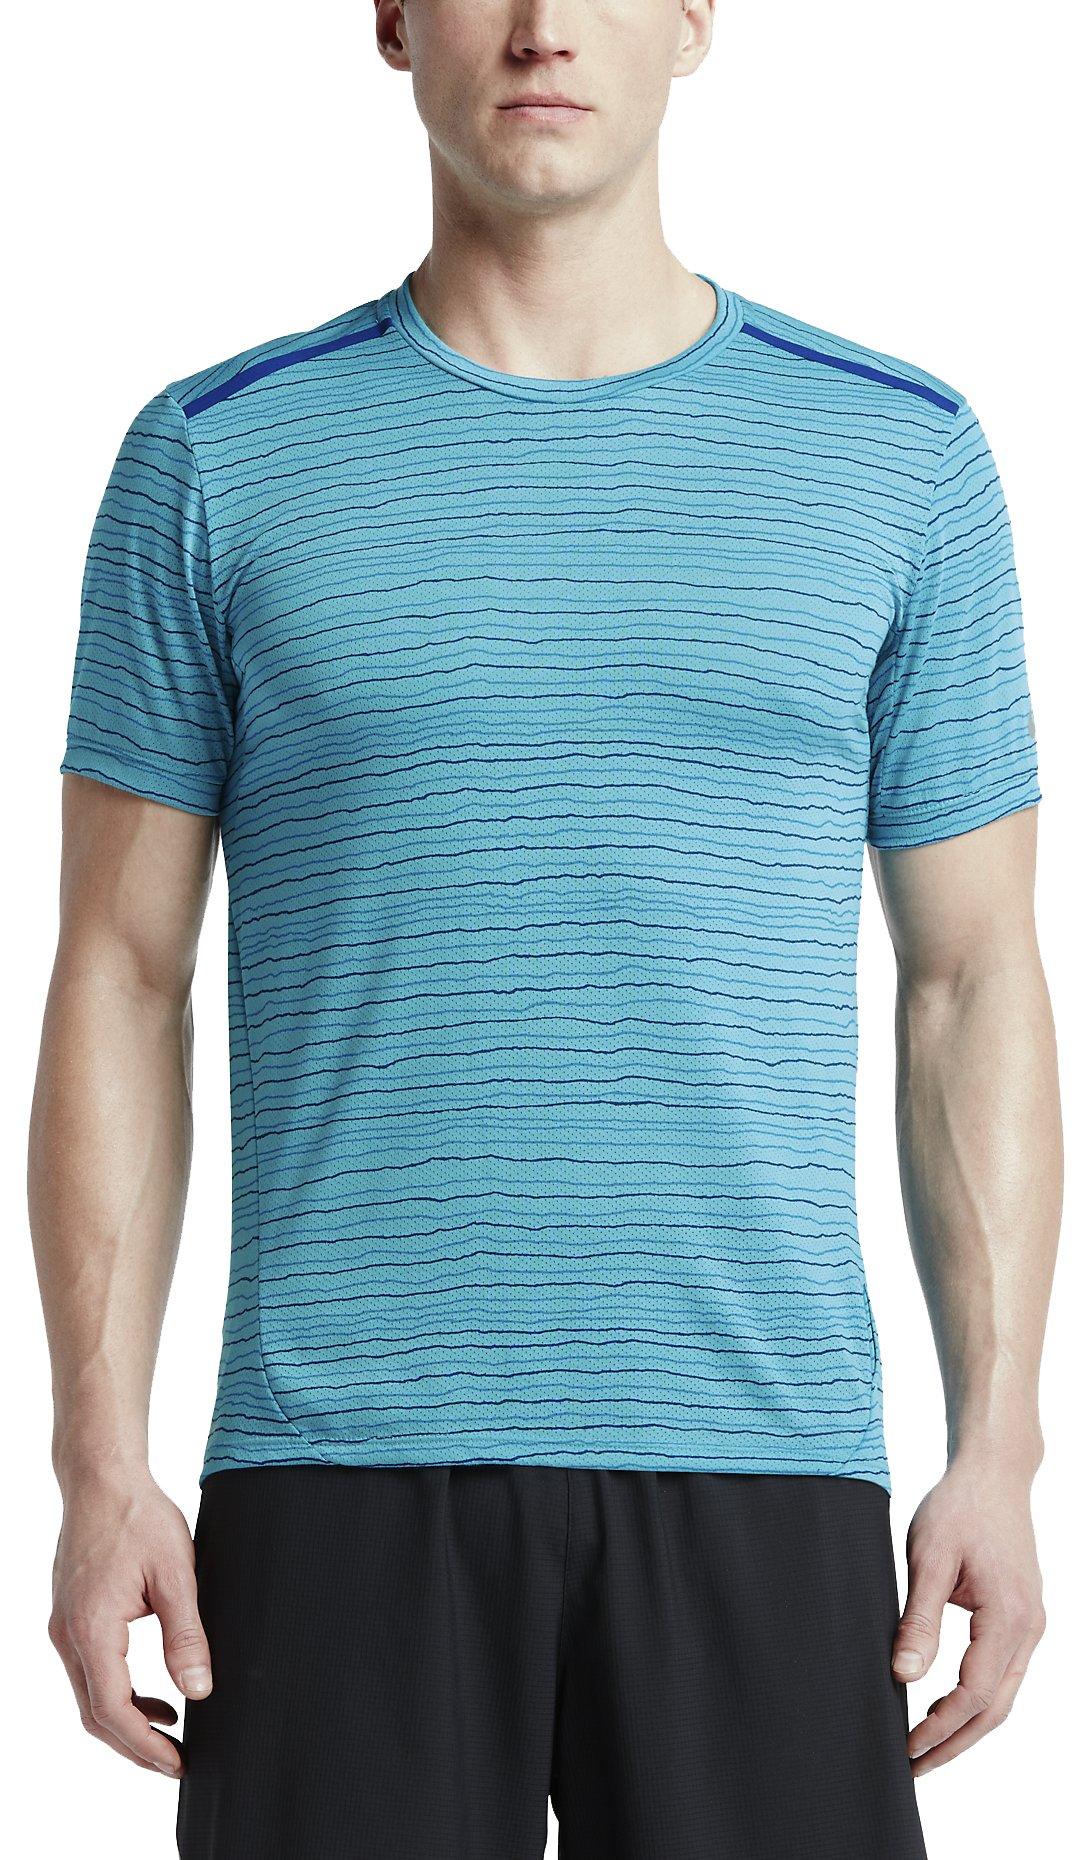 Tričko Nike Dri-FITCool Tailwind Stripe